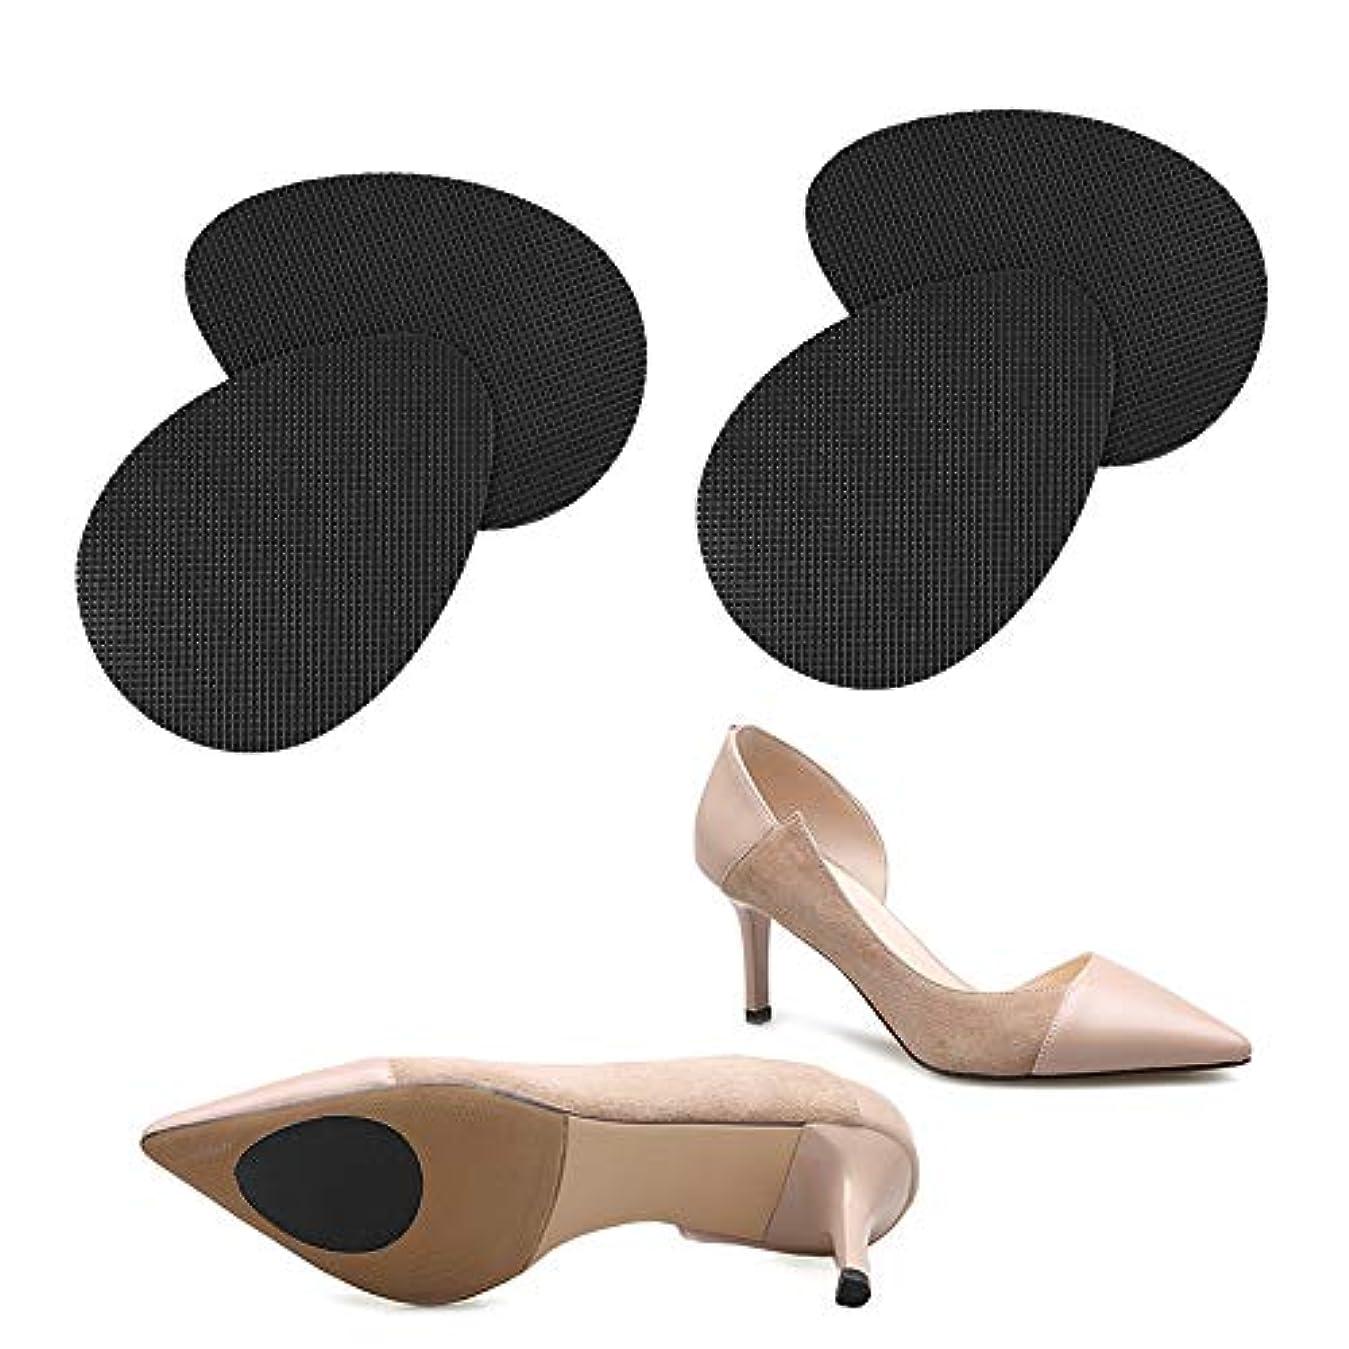 ゲートウェイかけがえのない放射性靴 滑り止め ステッカー,LINECY 【スリップガード】靴保護 シート つま先&かかと 靴底補修 滑り止め (2足4枚いり)